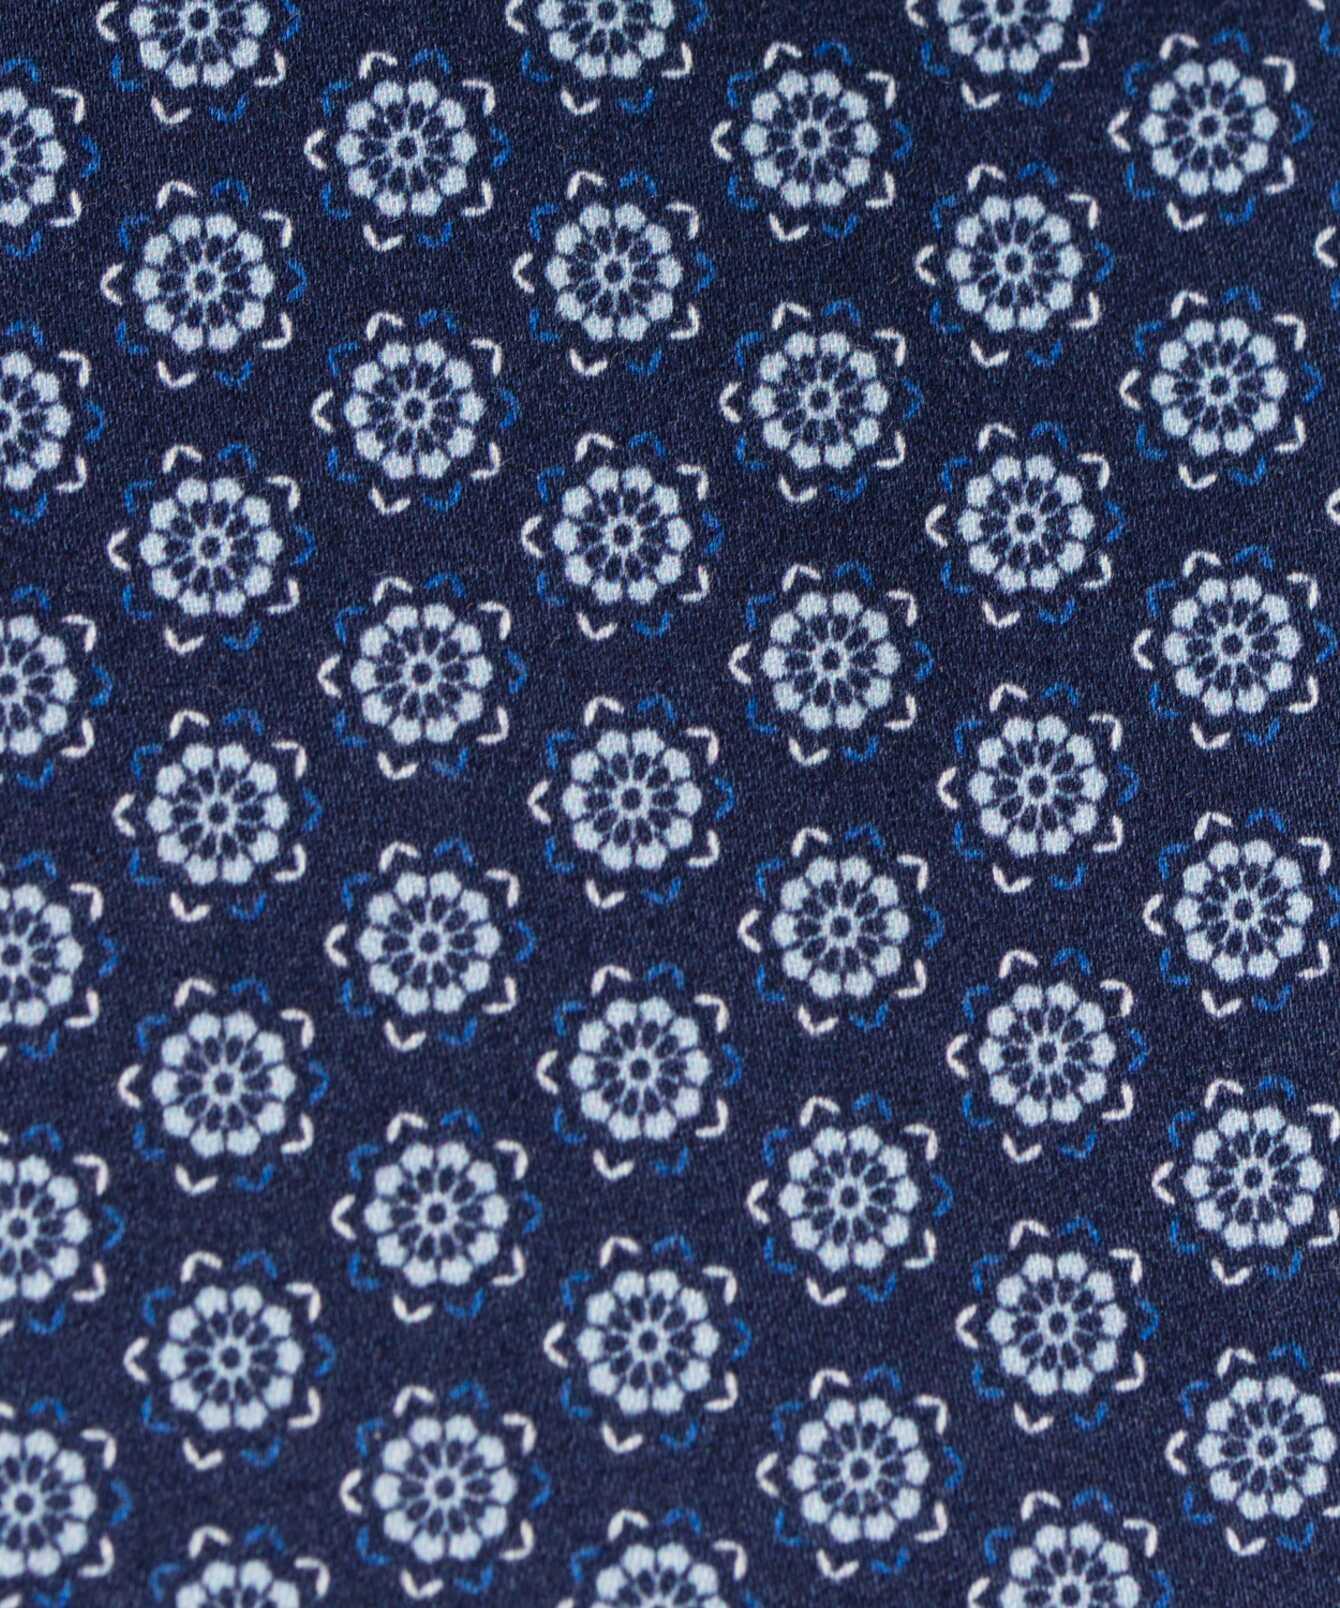 Skjorta Gavardo Mörkblå The Shirt Factory